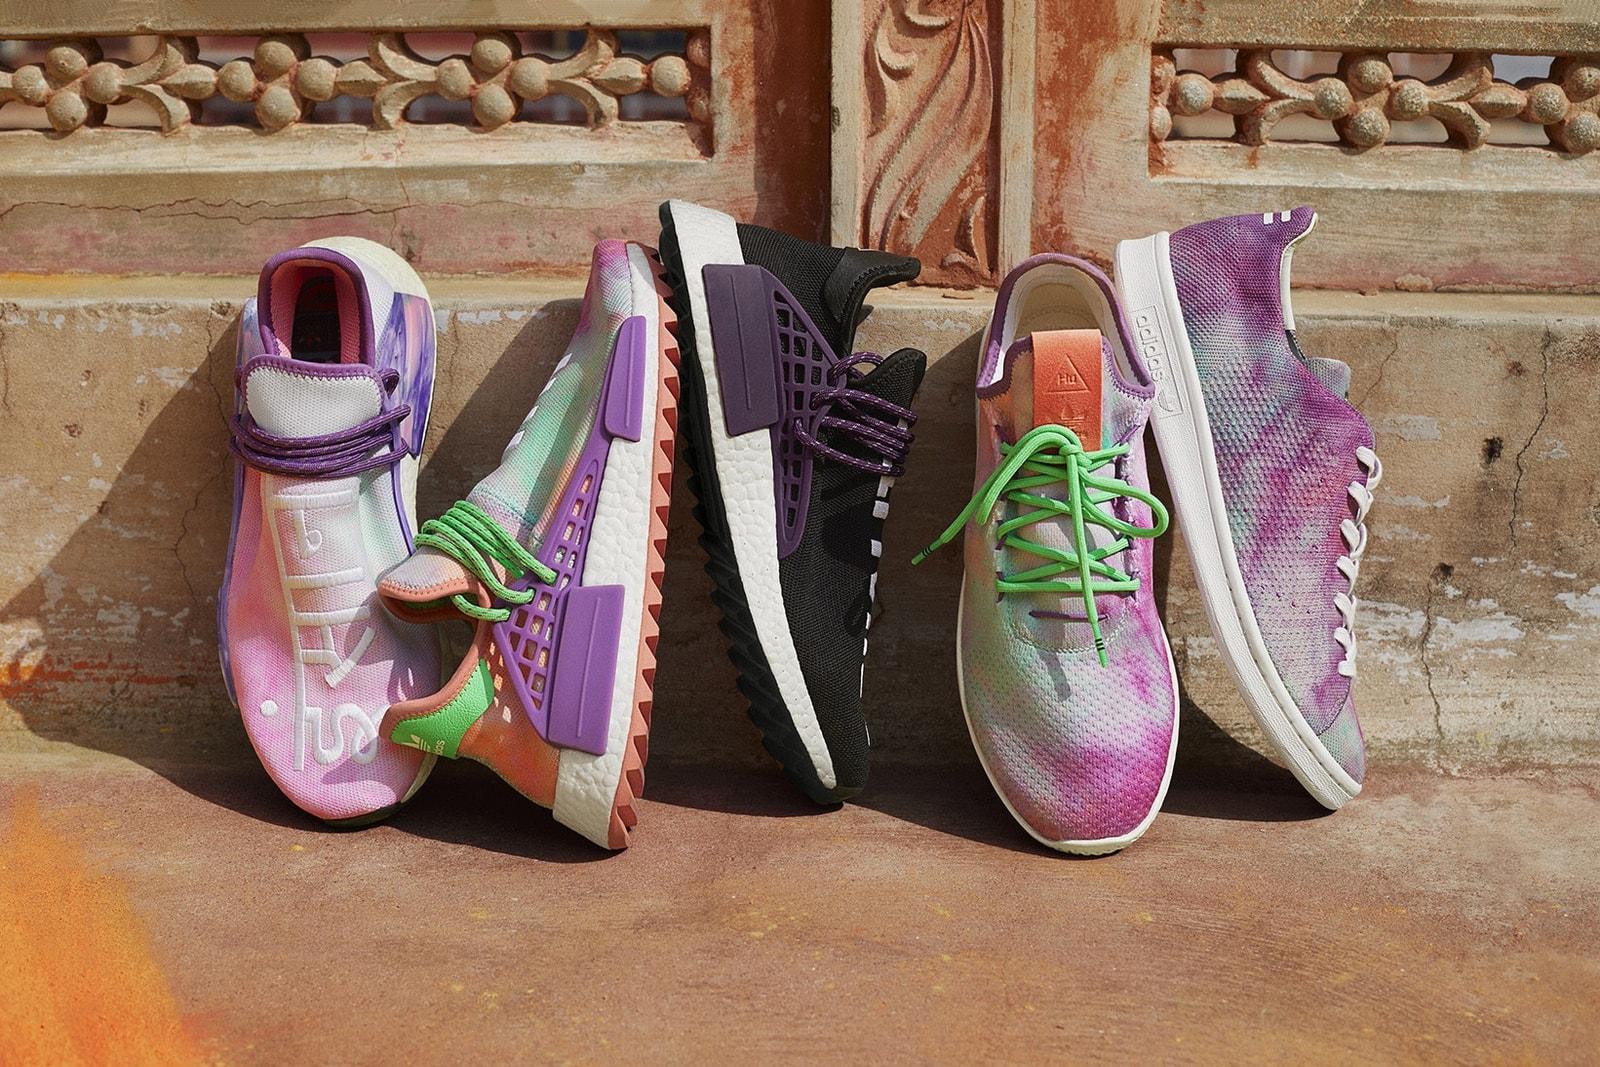 82e0a8b05 Where to buy rihanna fenty puma spring summer 2018 adidas Originals nmd cs2  pharrell williams hu holi